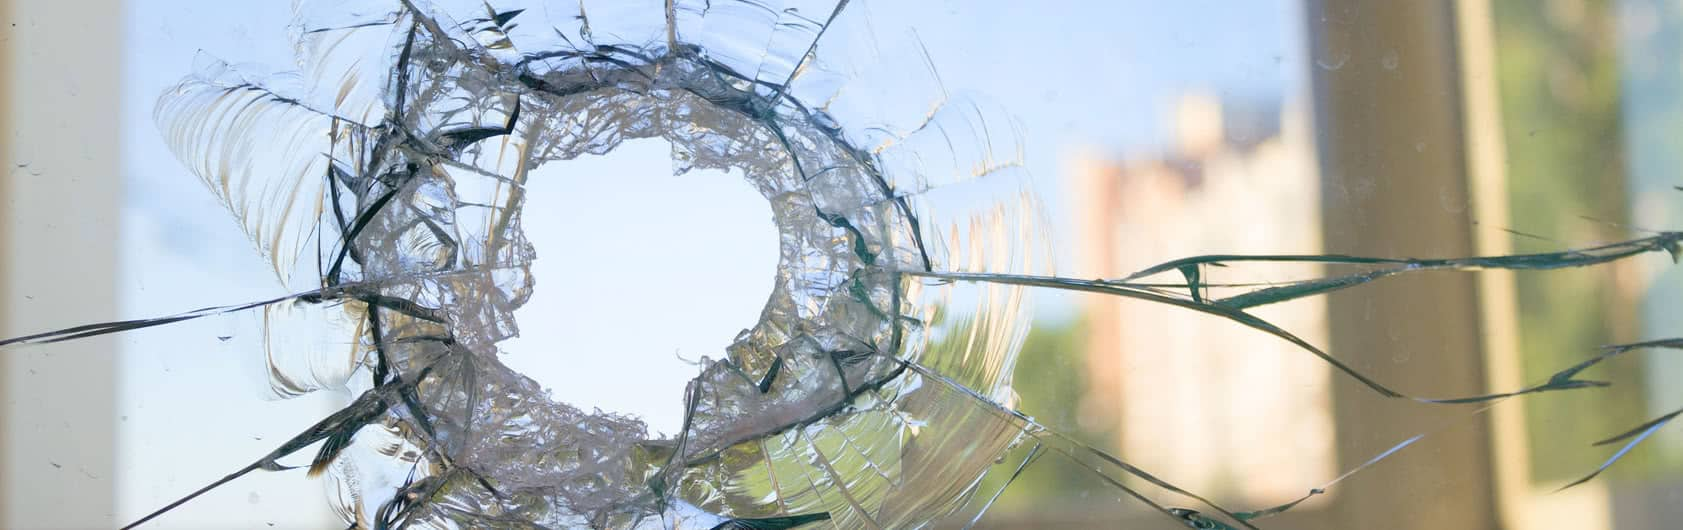 Hausratversicherung Glasbruch